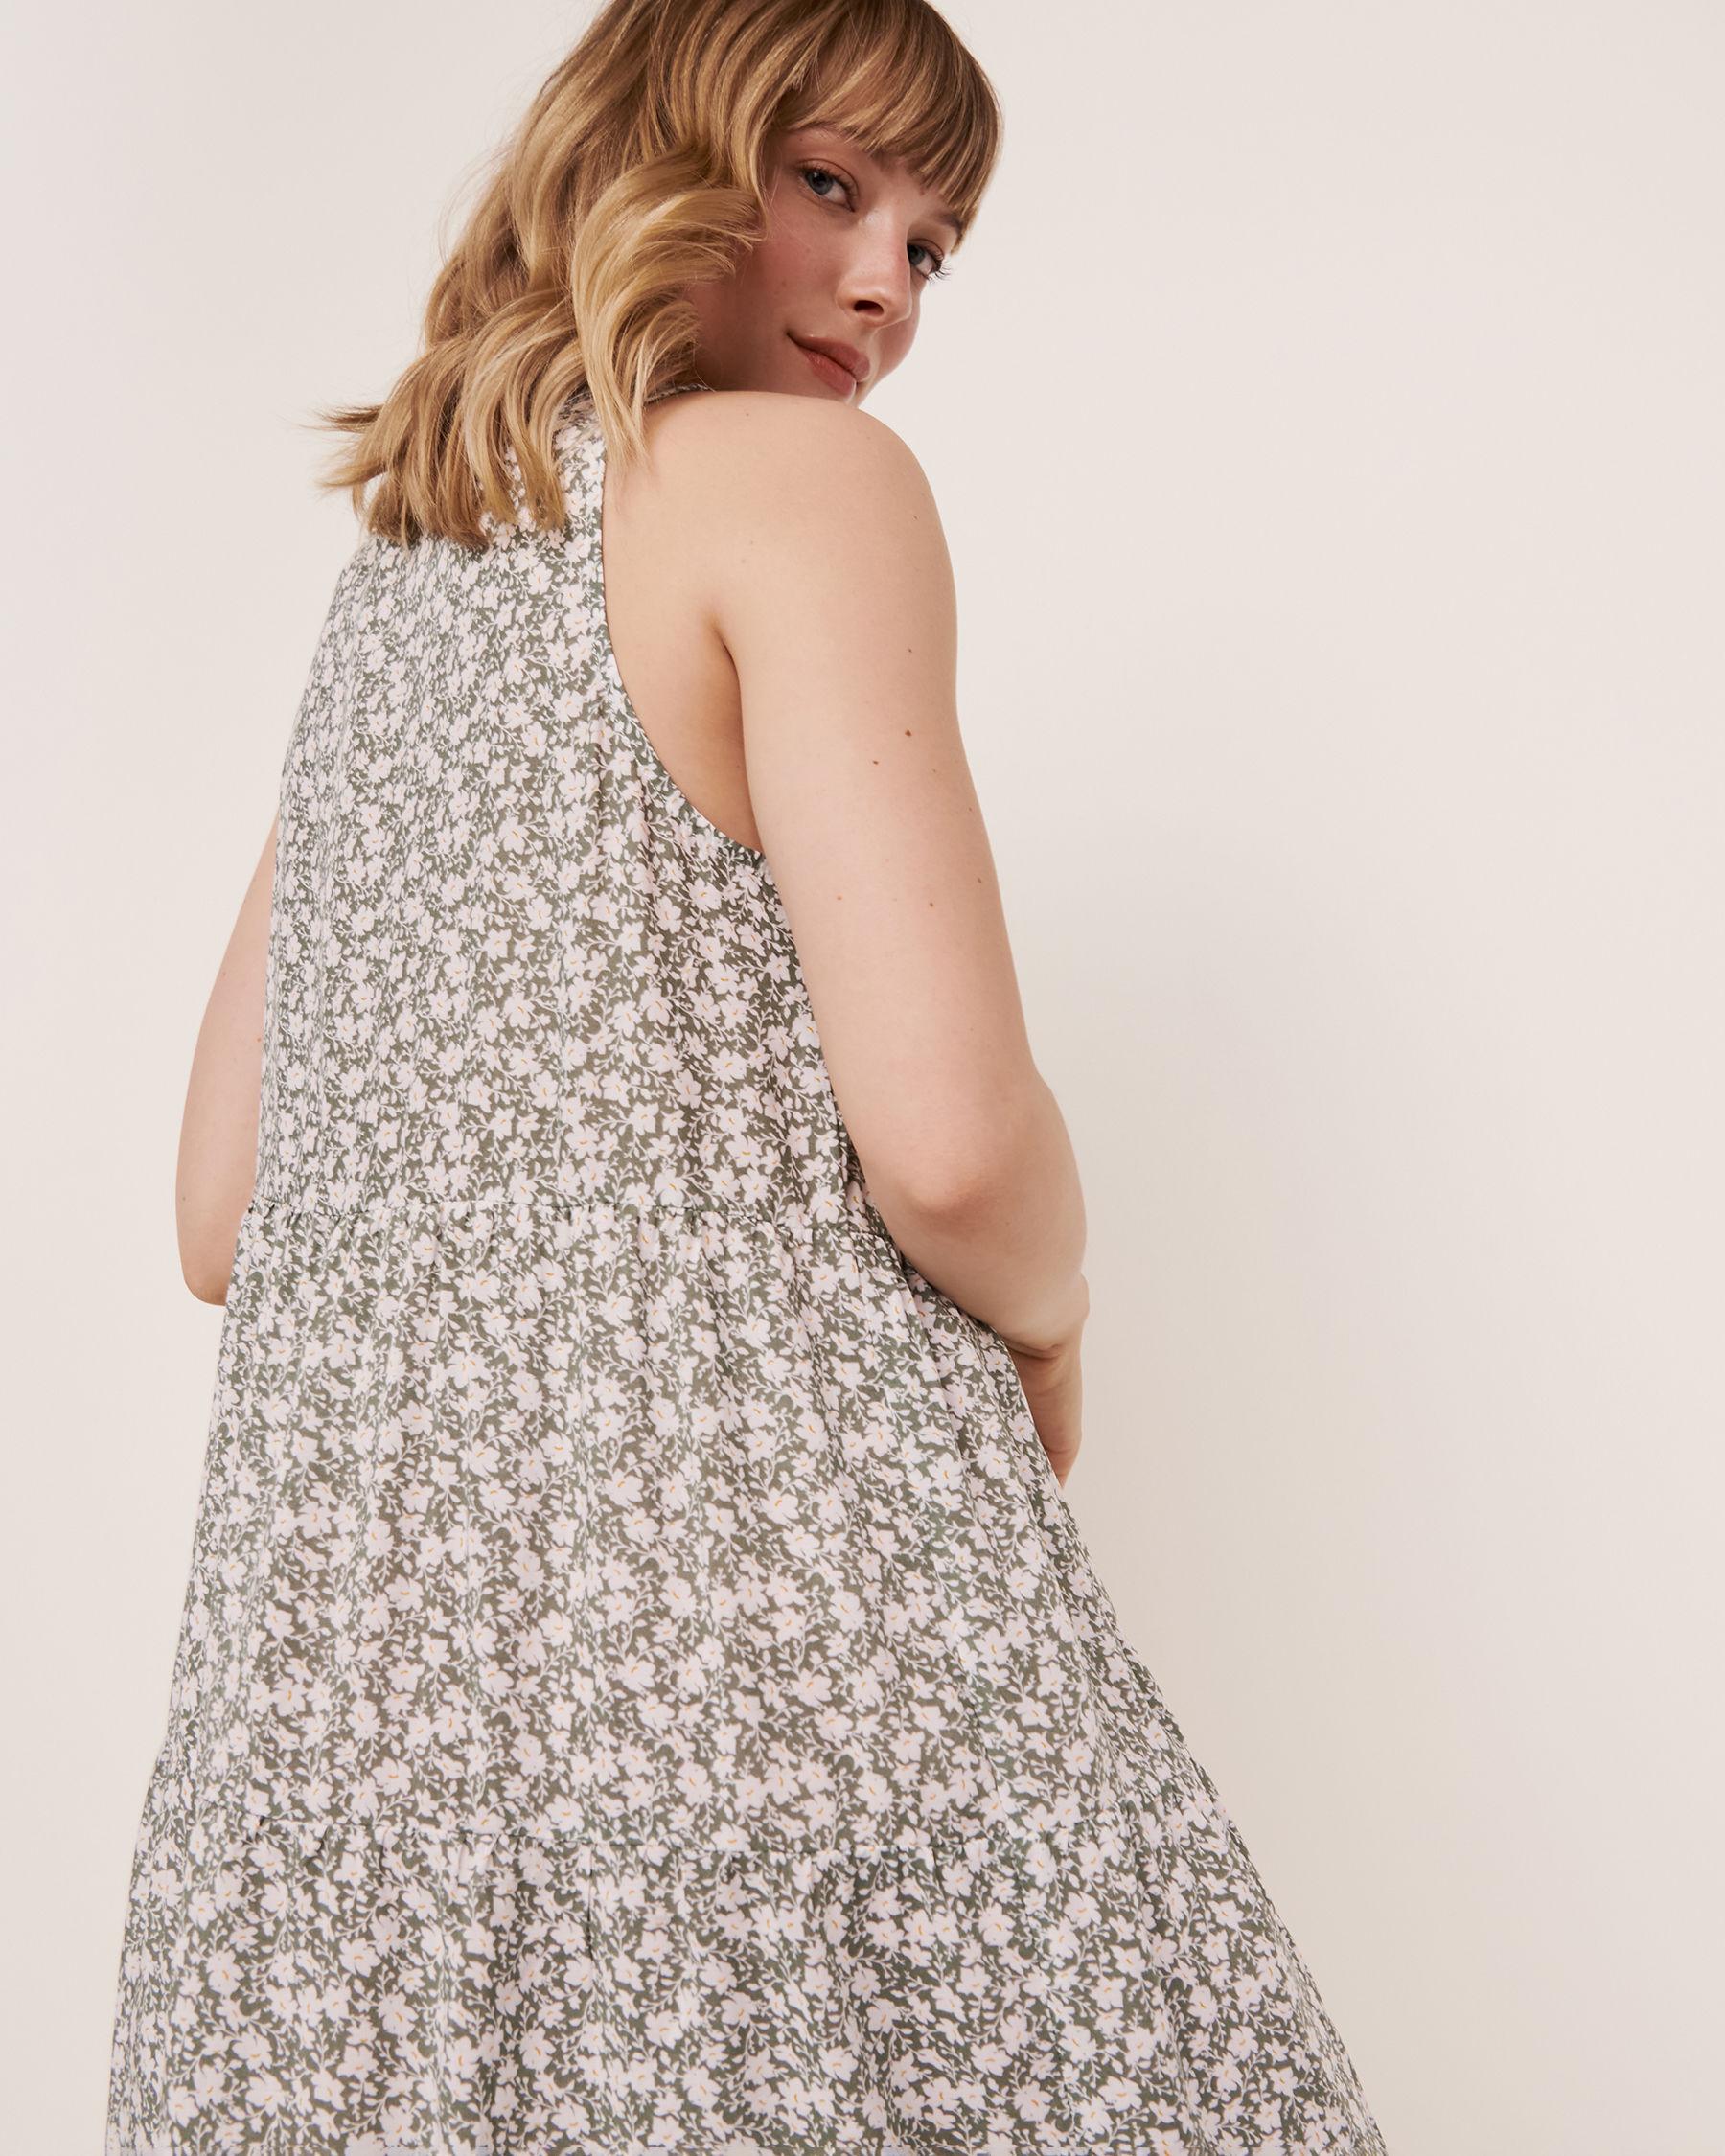 LA VIE EN ROSE AQUA Short Layered Dress Green floral 80300015 - View2